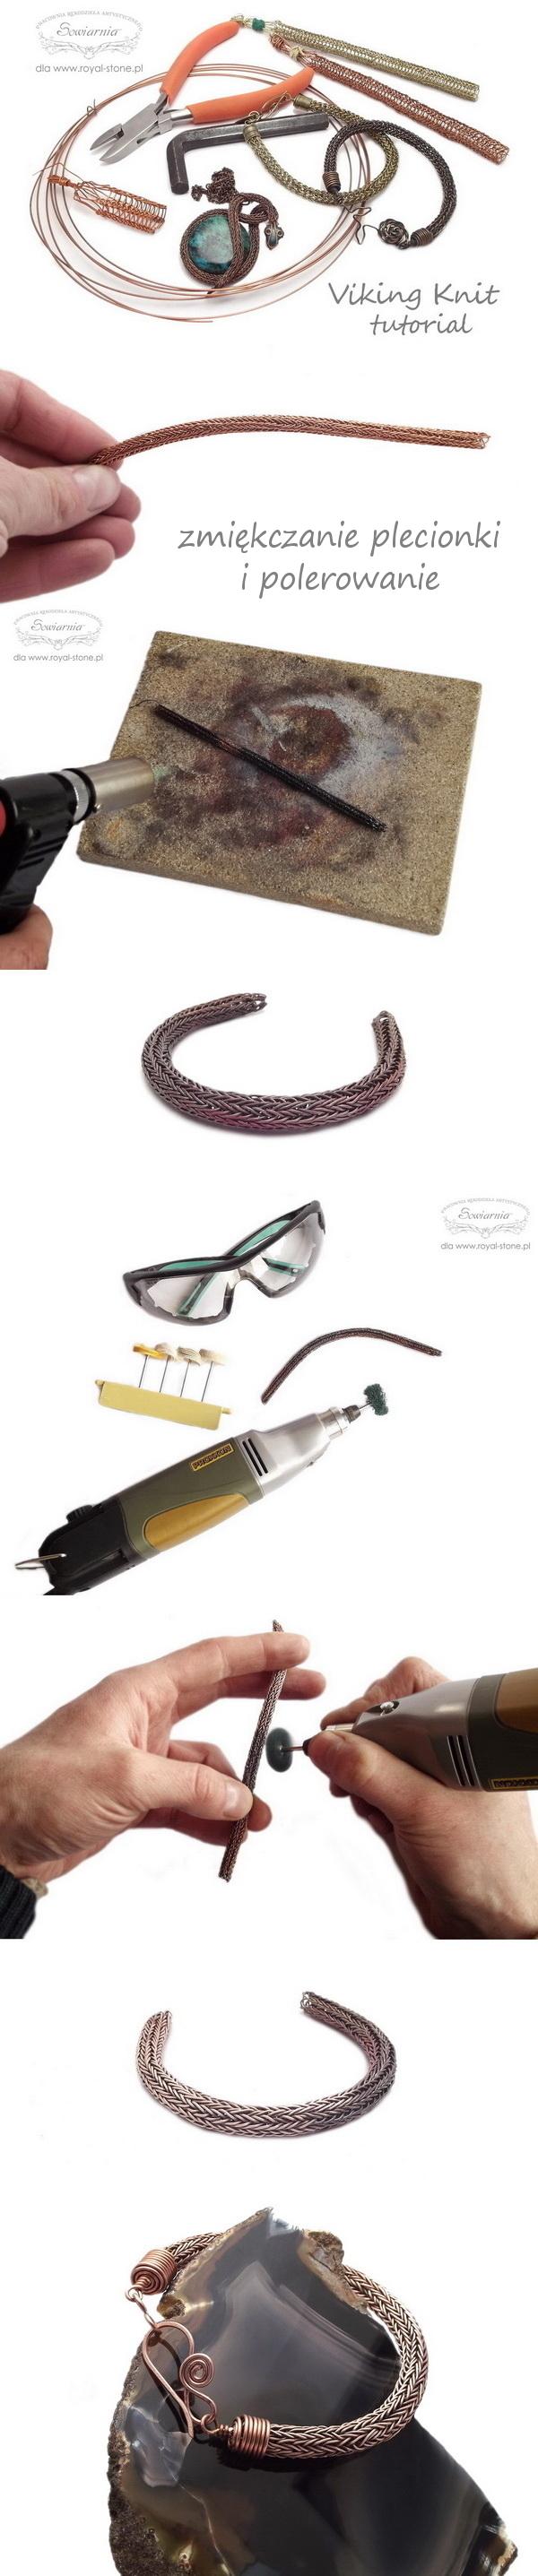 viking knit tutorial - zmiękczanie i polerowanie